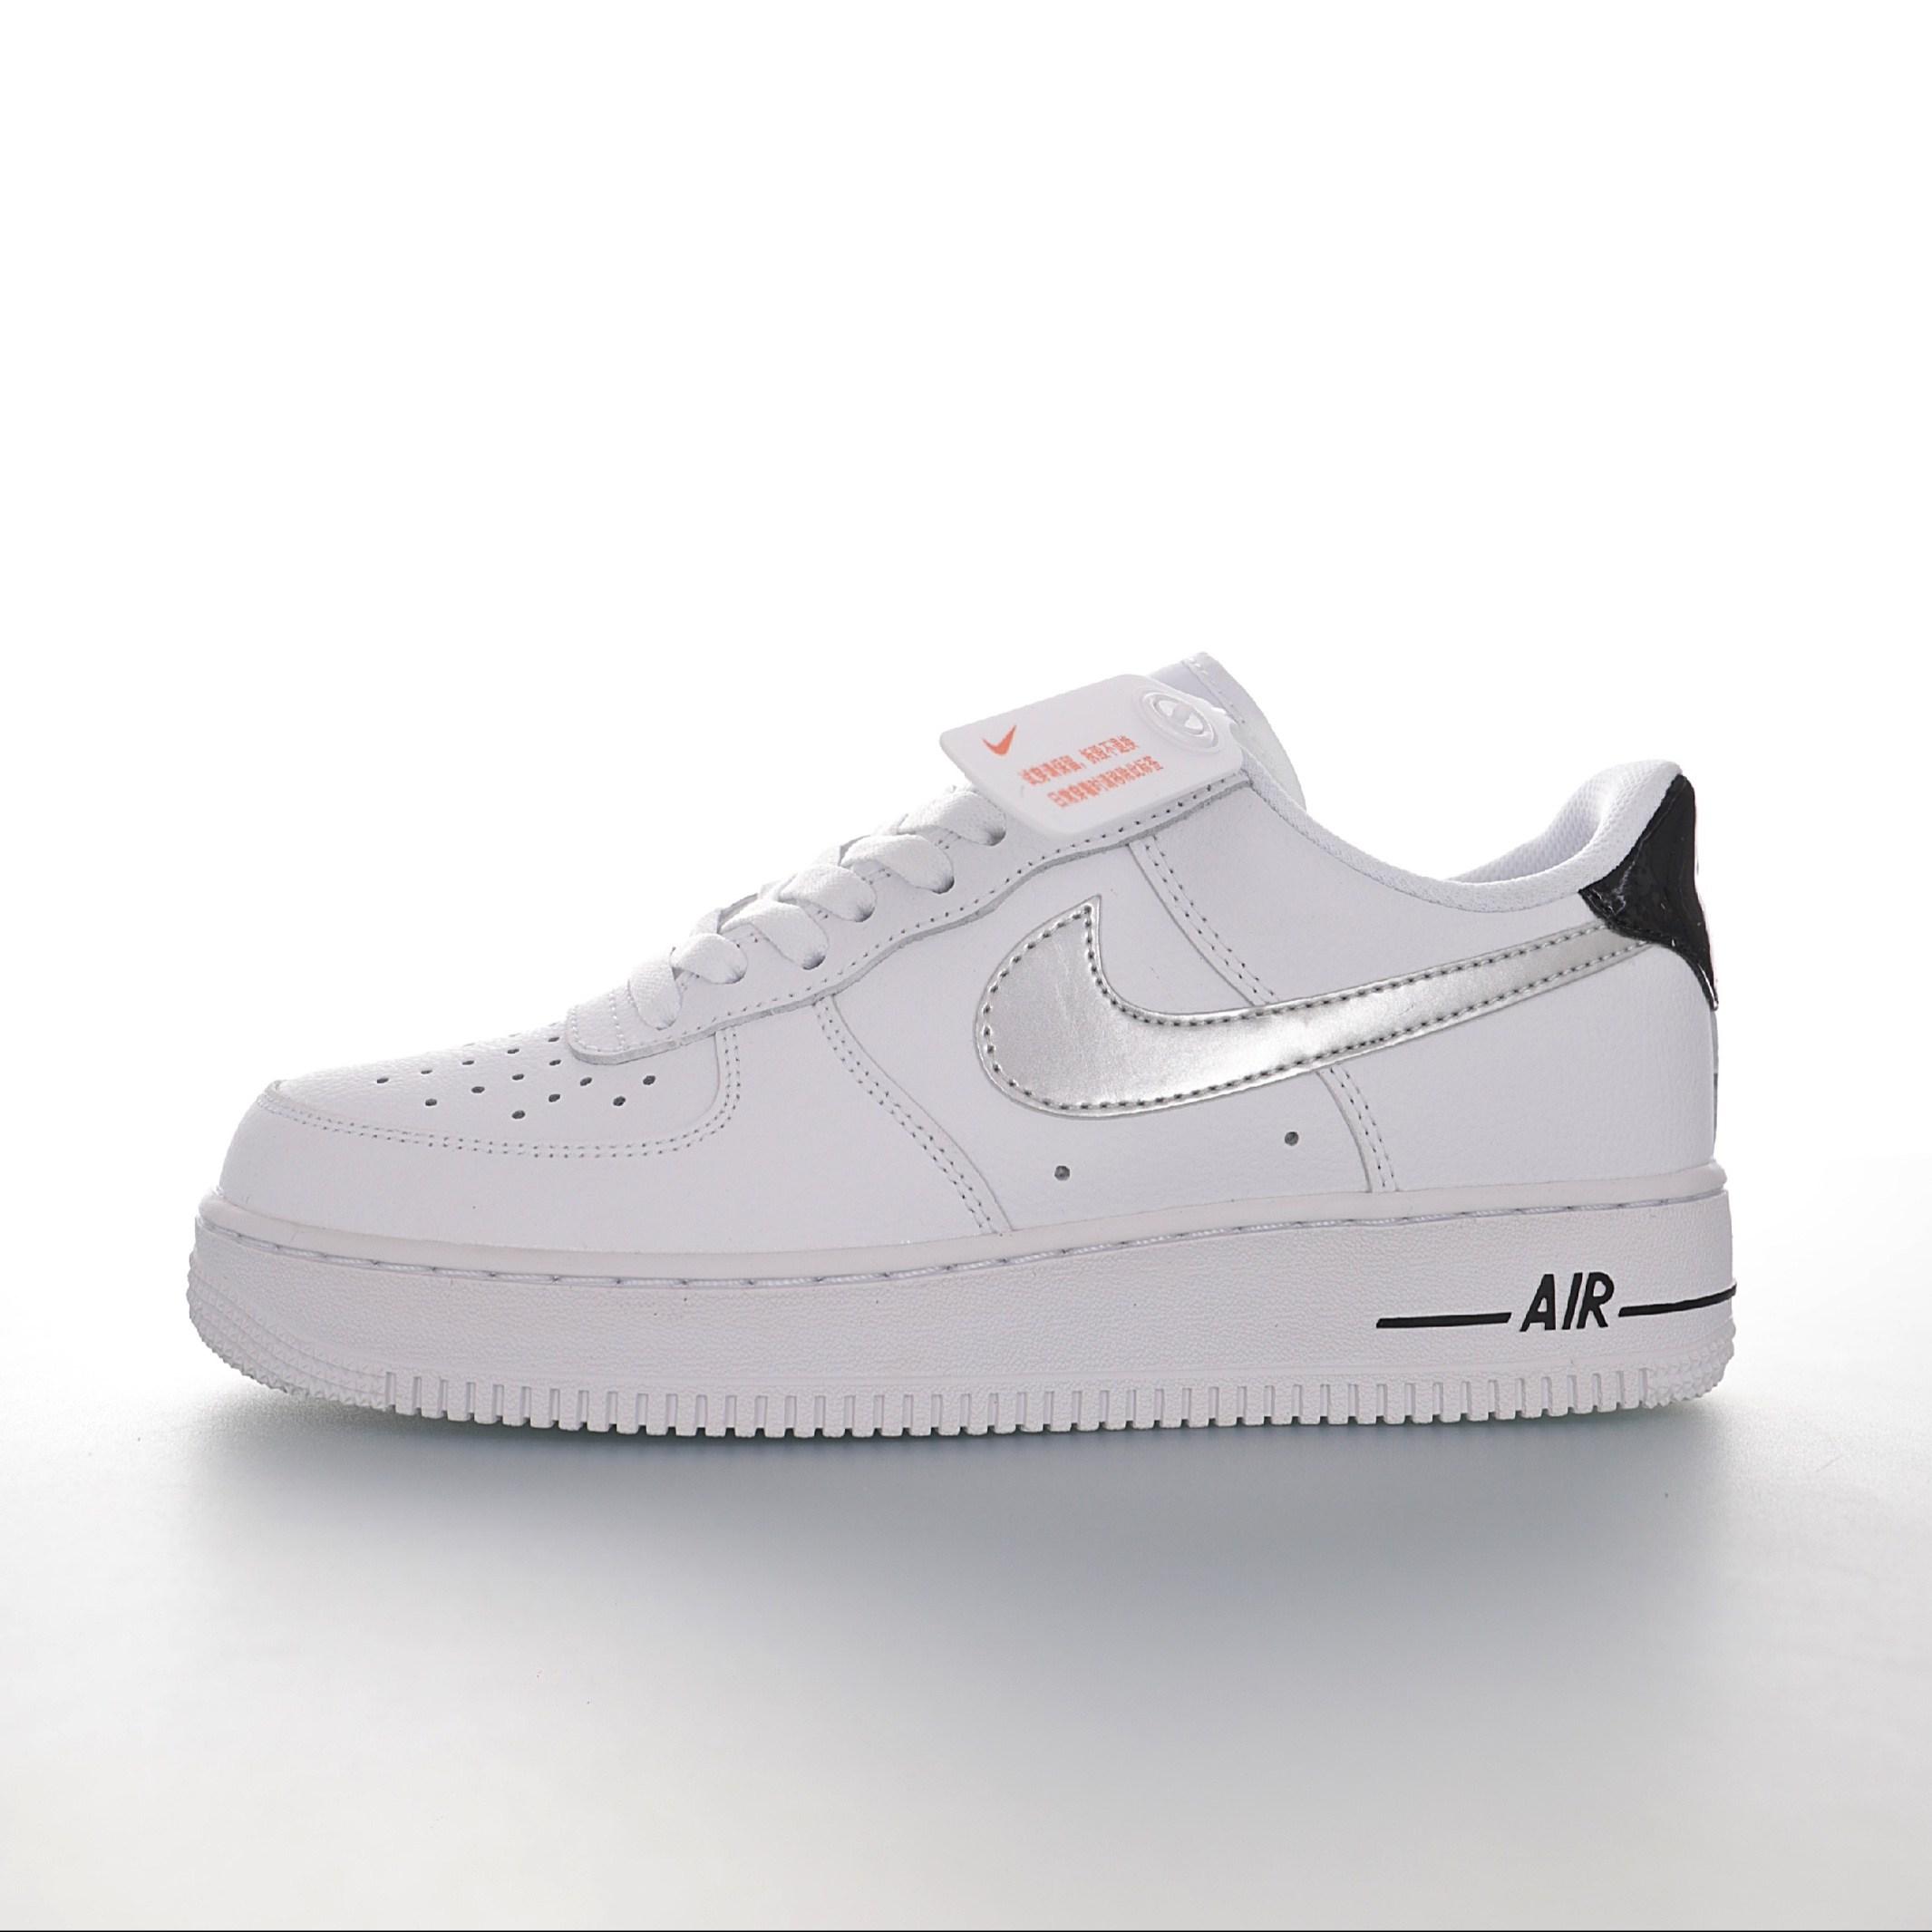 Nike Air Force 1 로우 올 매치 캐주얼 스포츠 신발 CZ4206-100